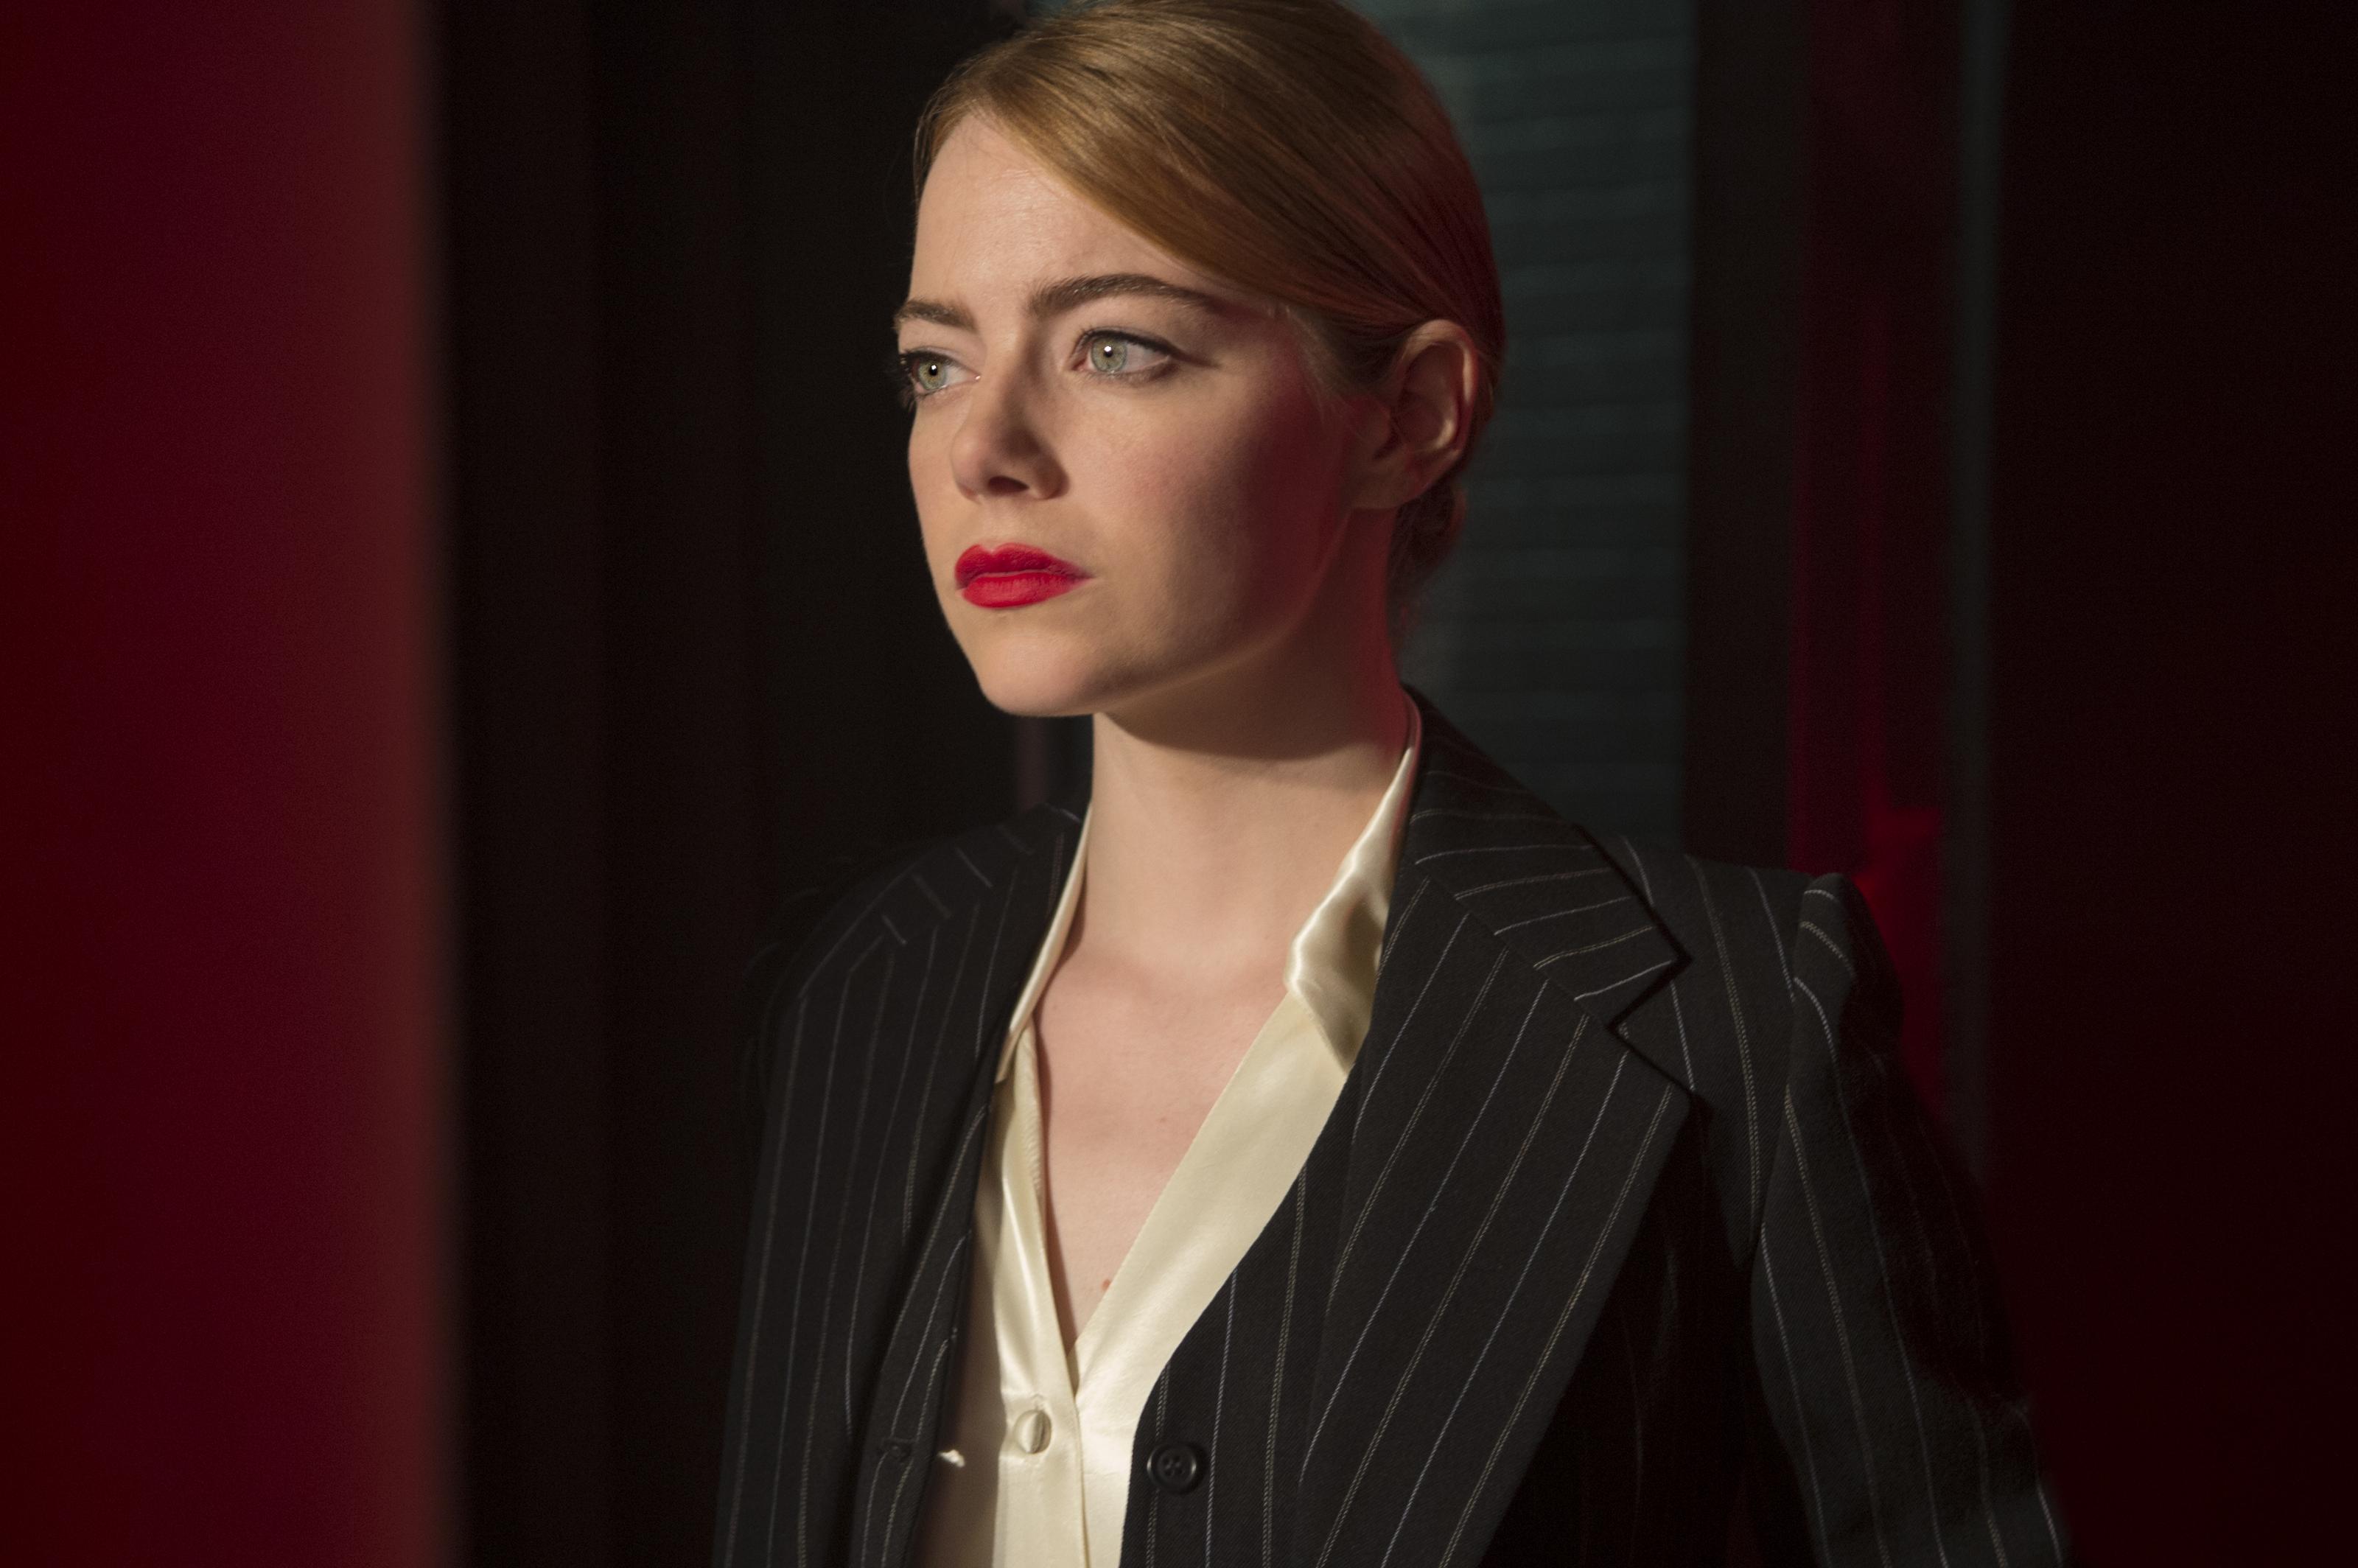 """VIDEO  La aplaudida respuesta de Emma Stone a la pregunta de alfombra roja """"¿qué llevas puesto?"""""""